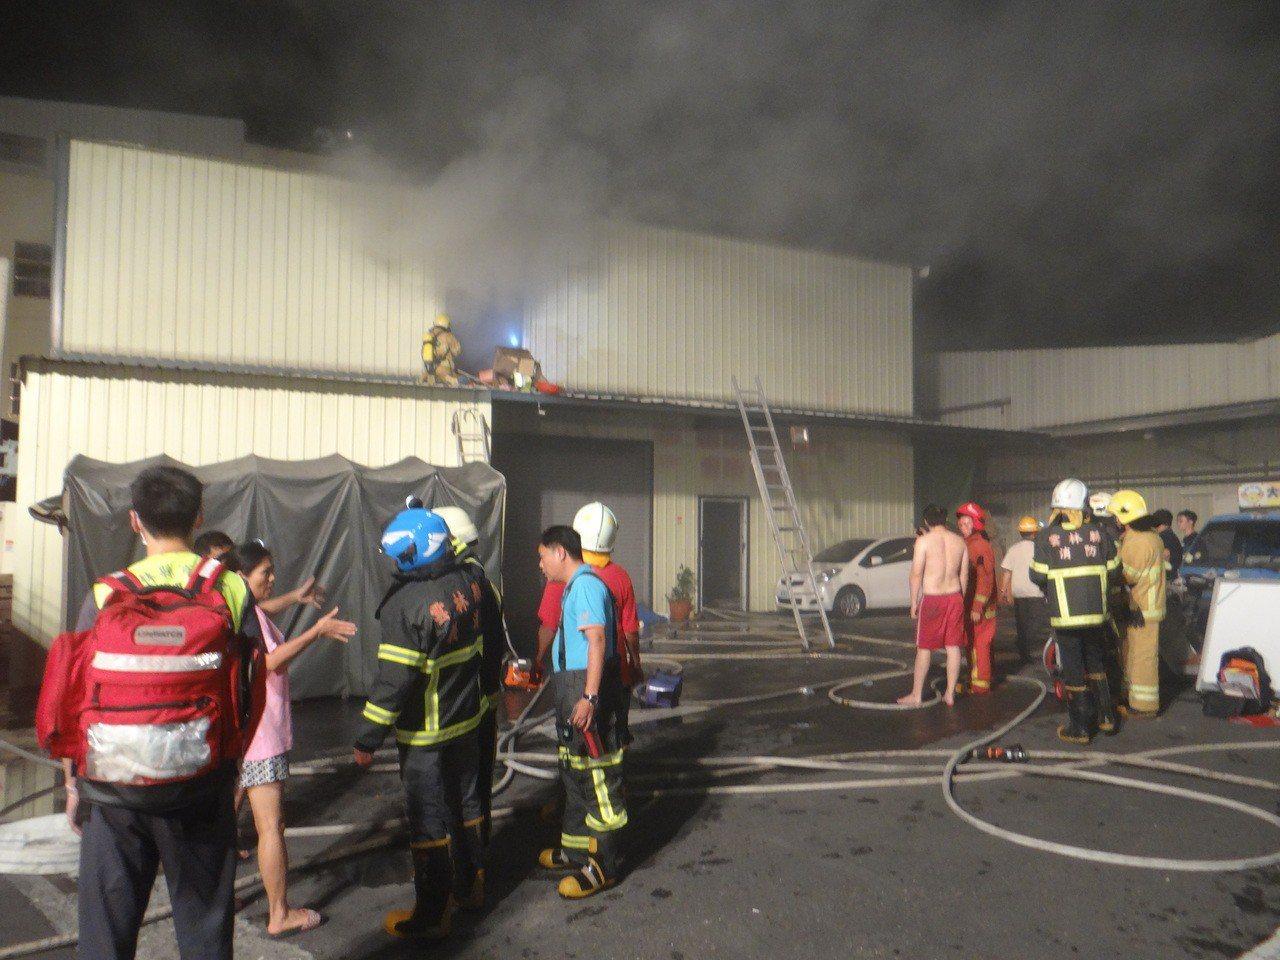 北港鬧區一家大賣場發生火警,情況危急。記者蔡維斌/攝影